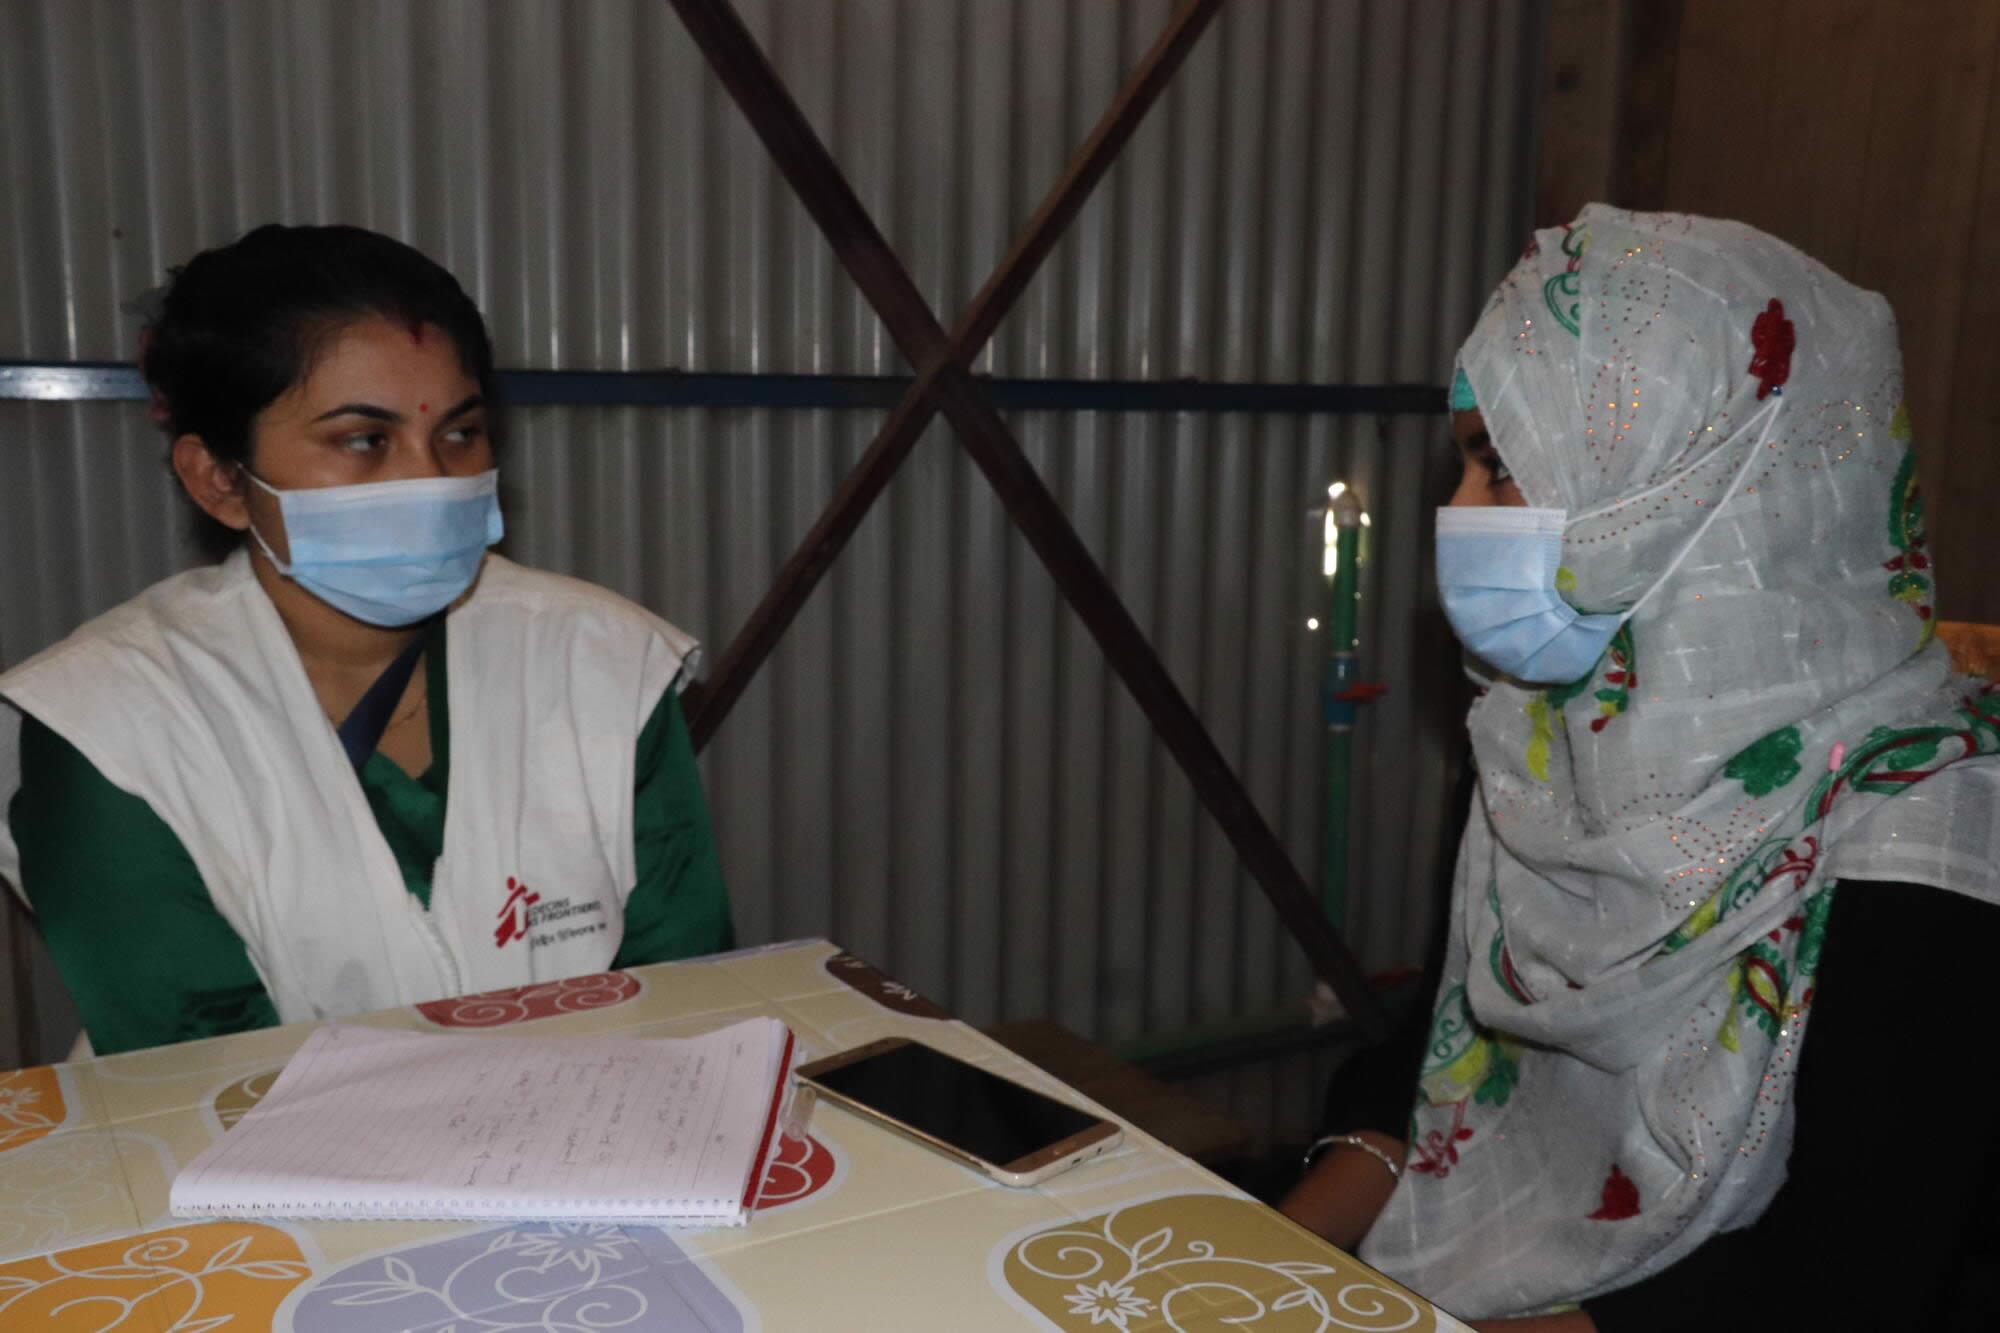 萊拉和MSF工作人員交談中